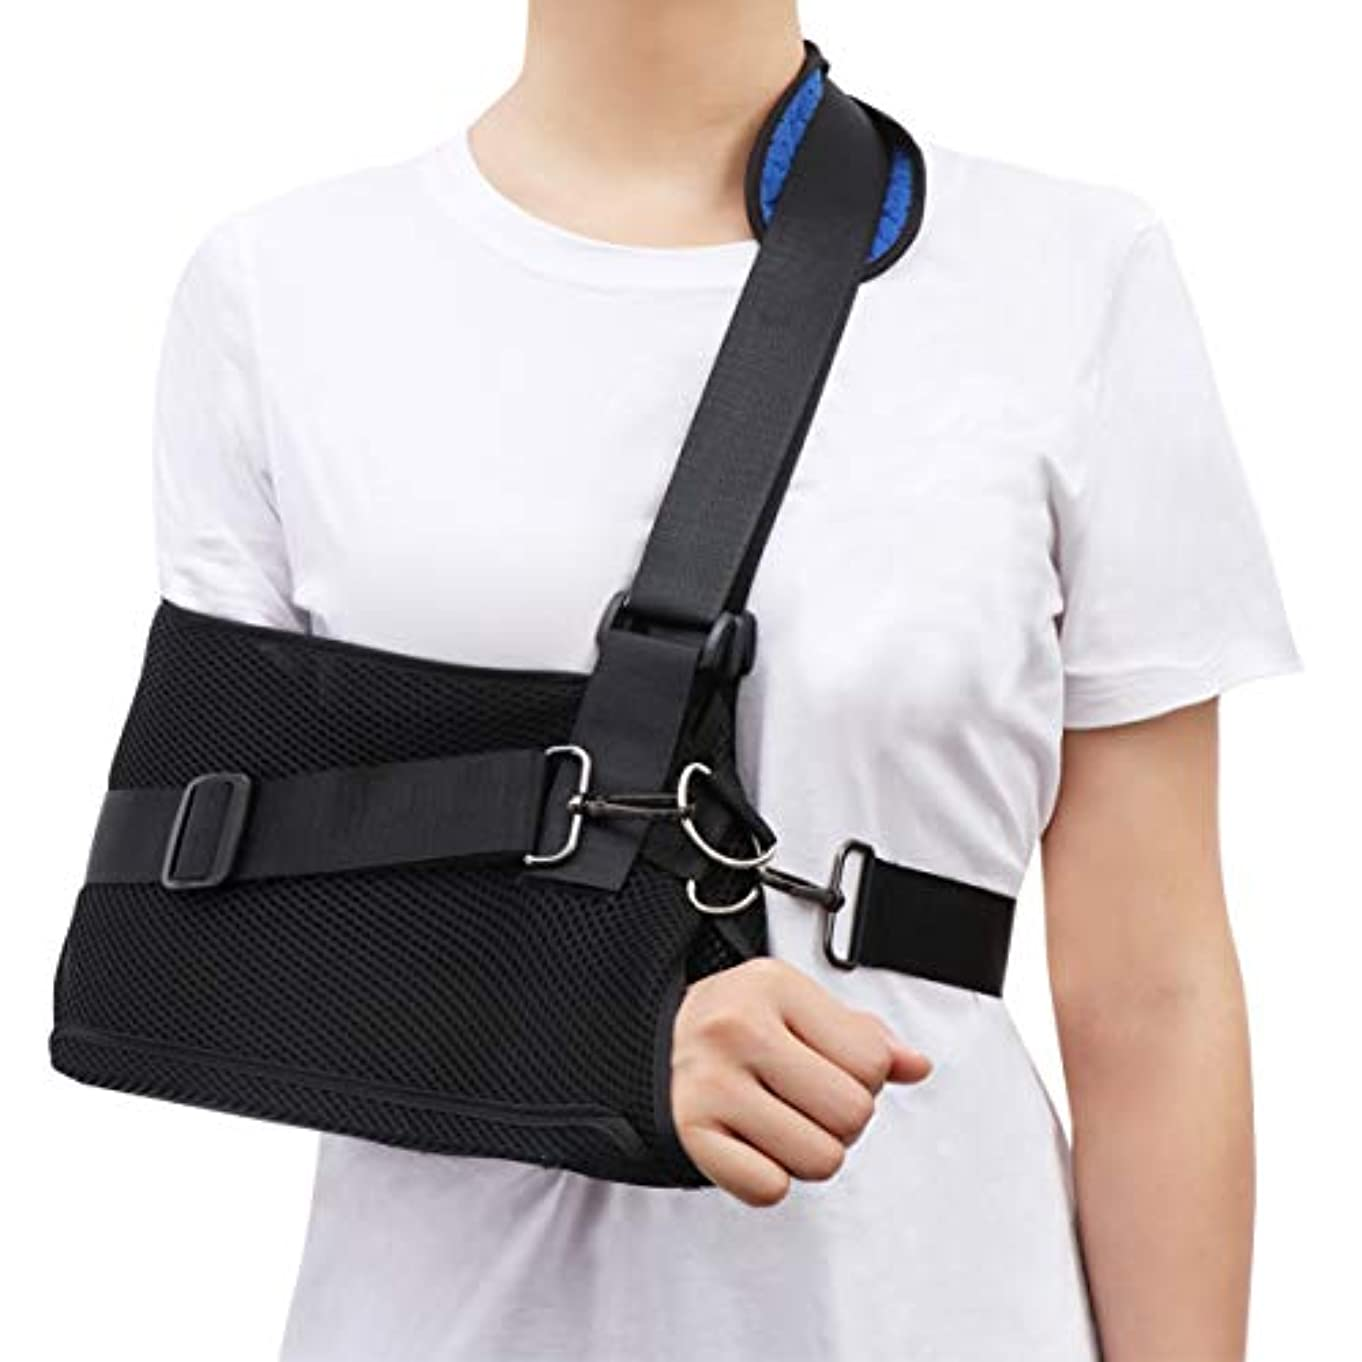 コンパクト冗長異邦人SUPVOX 肩イモビライザースリングアームスリング医療肩イモビライザー回転子カフ手首肘前腕サポートブレースストラップ